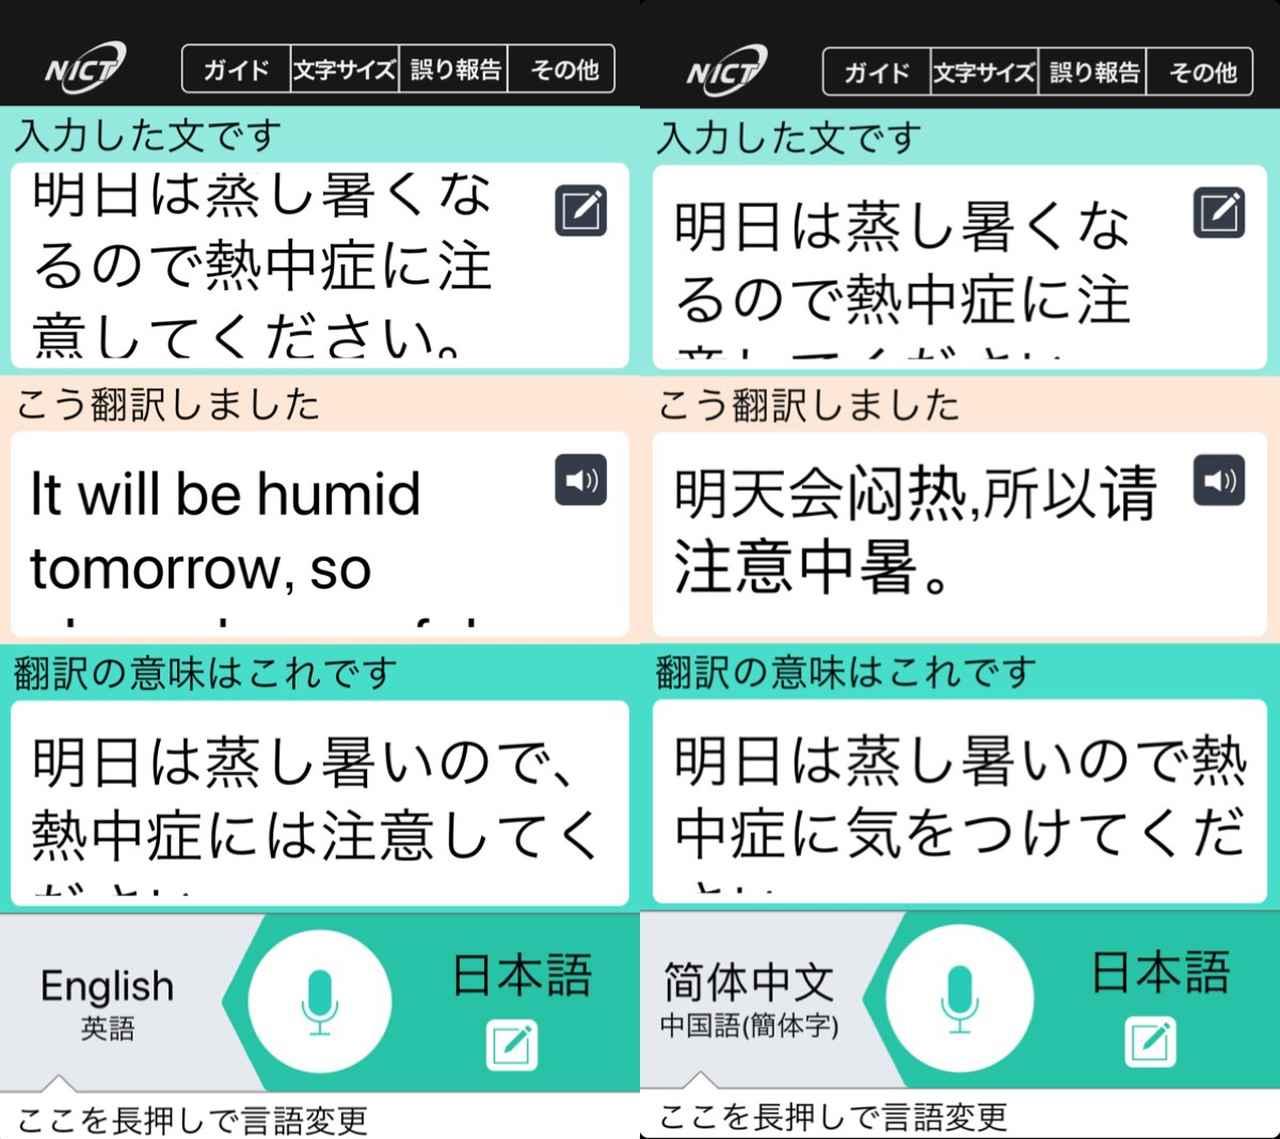 画像1: 英語以外も正確に訳せる?いろんな言語を使ってみました。